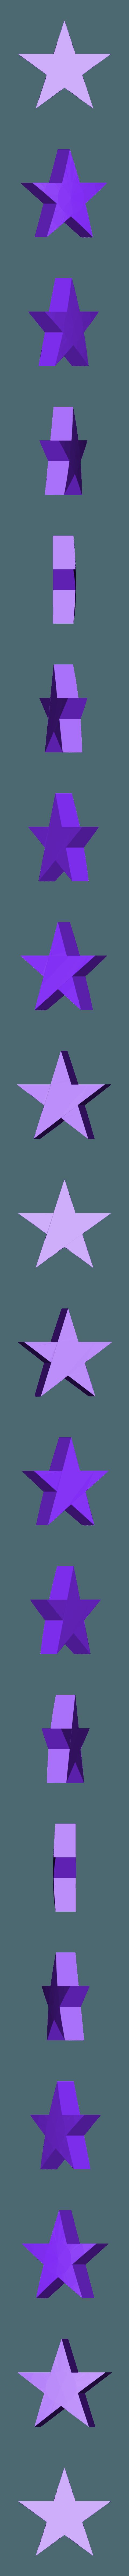 white_star.stl Télécharger fichier STL gratuit Porte-clés Captain America Shield • Modèle pour impression 3D, LucasLabrador